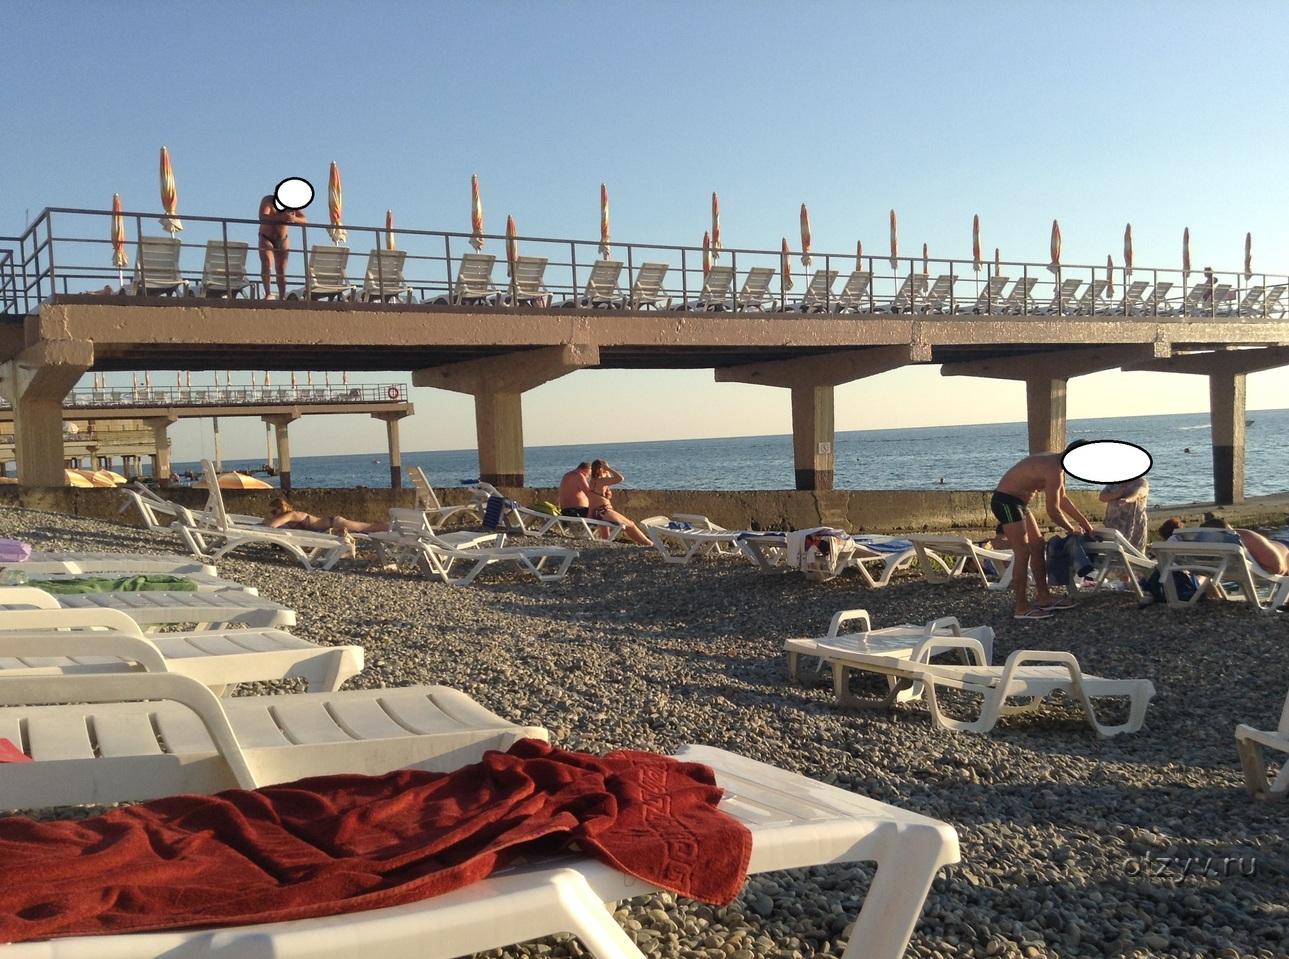 глазурь отель весна пляж фото адлер тебе